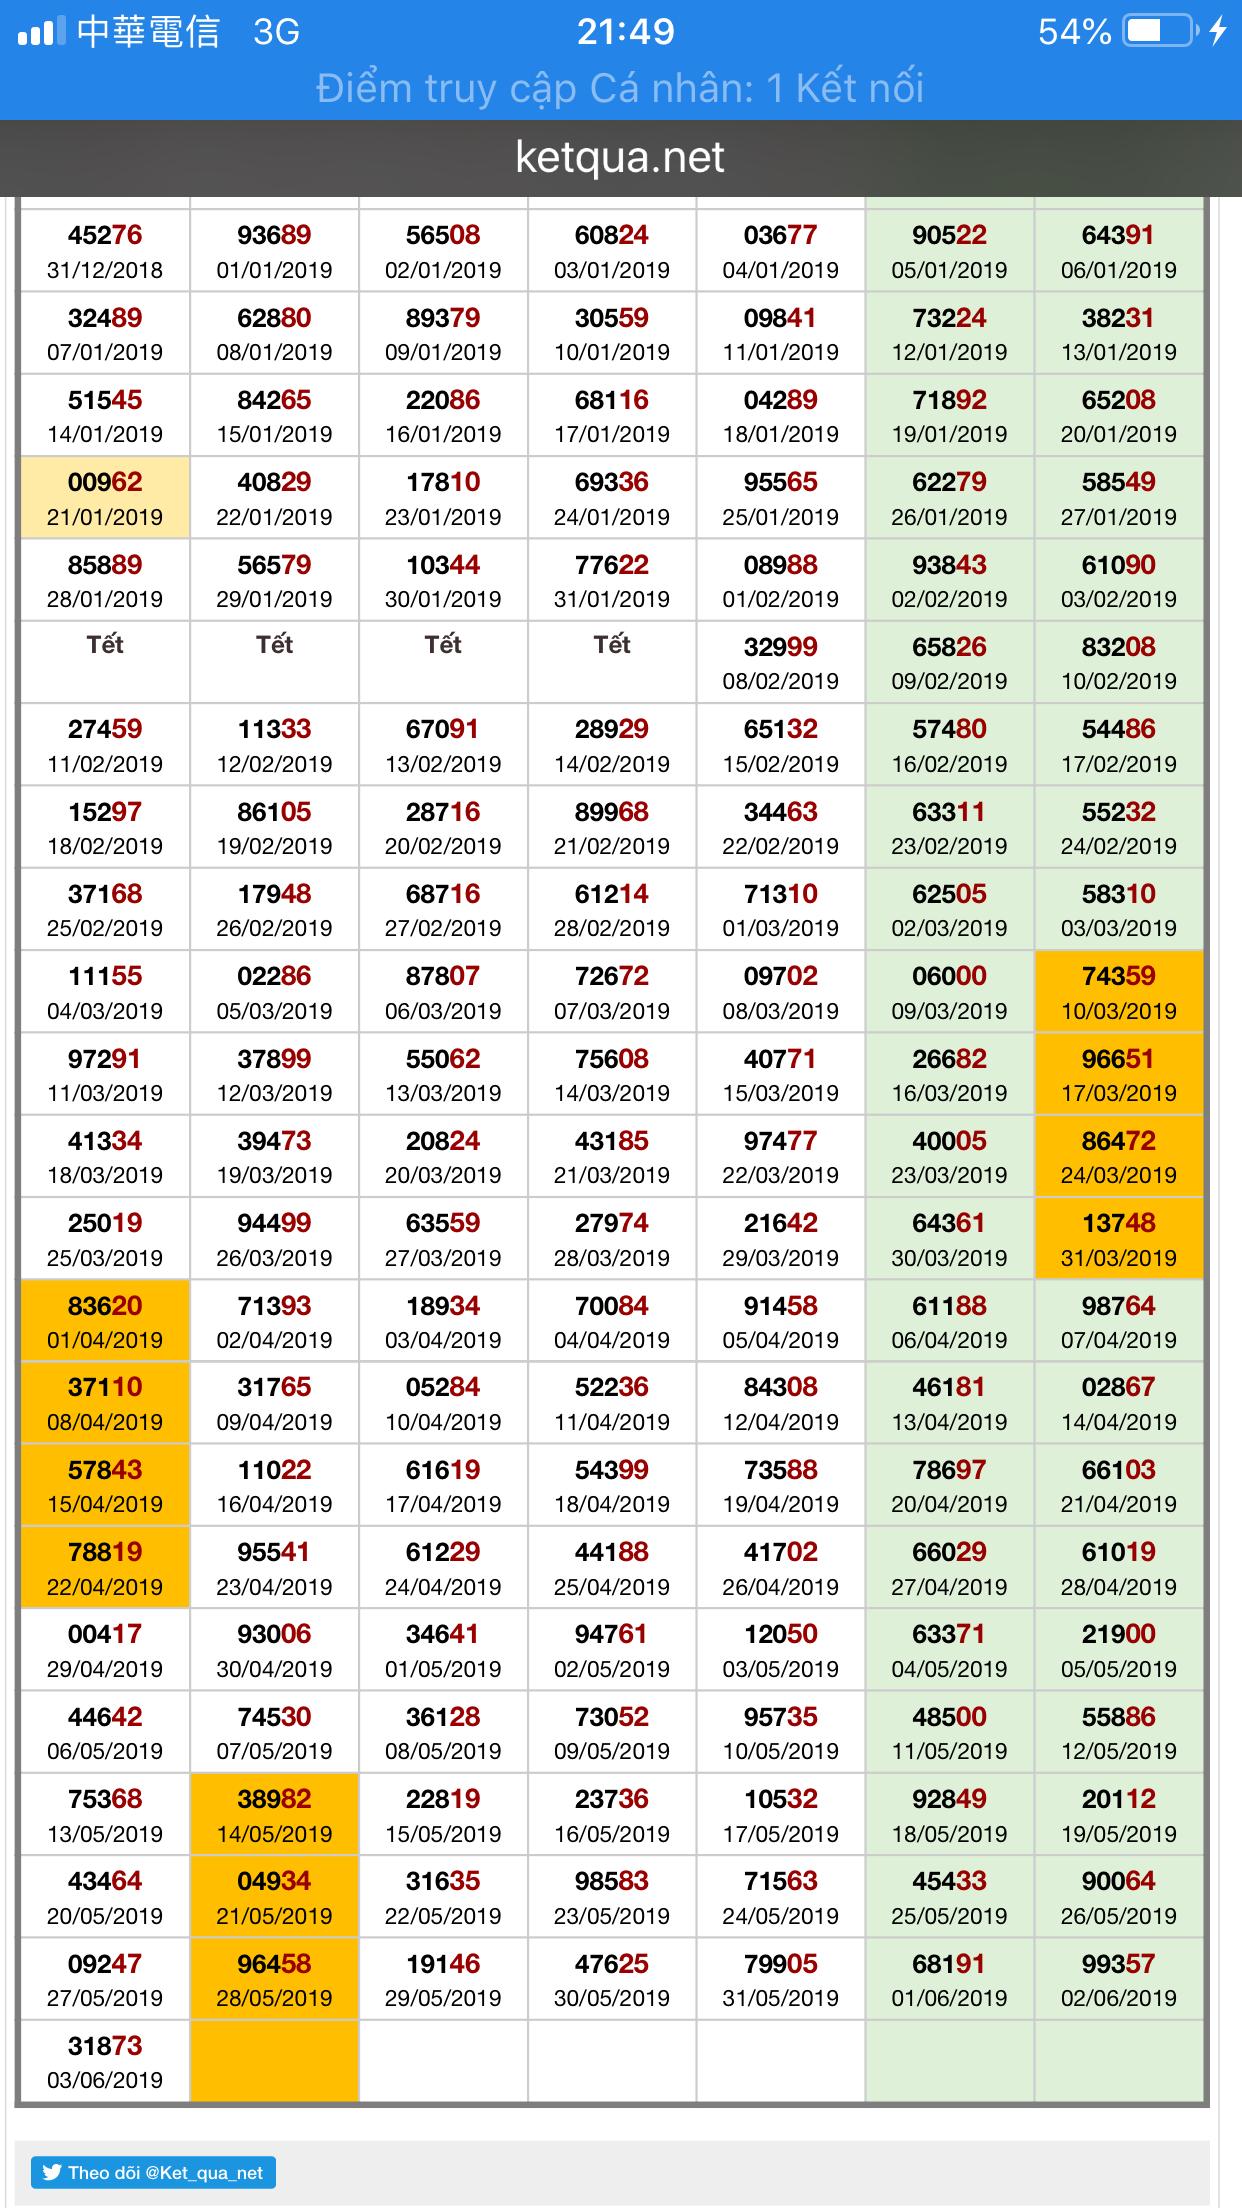 6A5A3478-0388-4BC1-8D8E-4FEDCE7FE03C.png